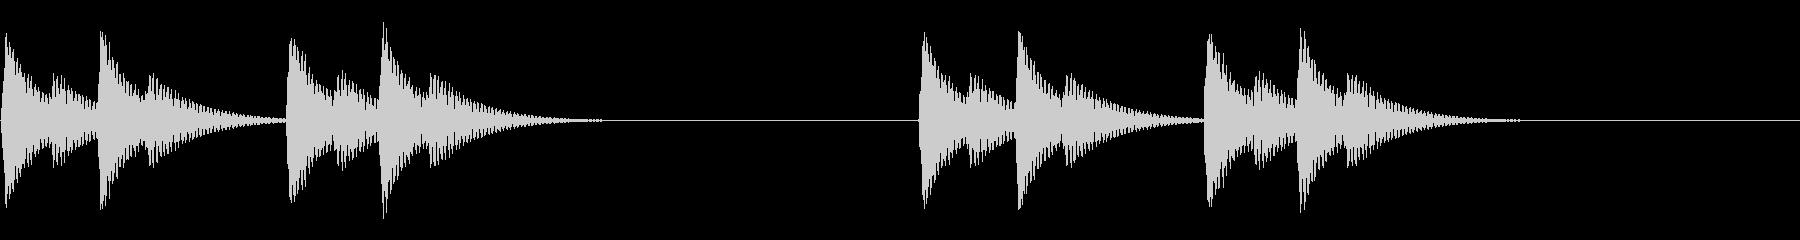 かわいく繰り返すベルアラート・警告音2の未再生の波形